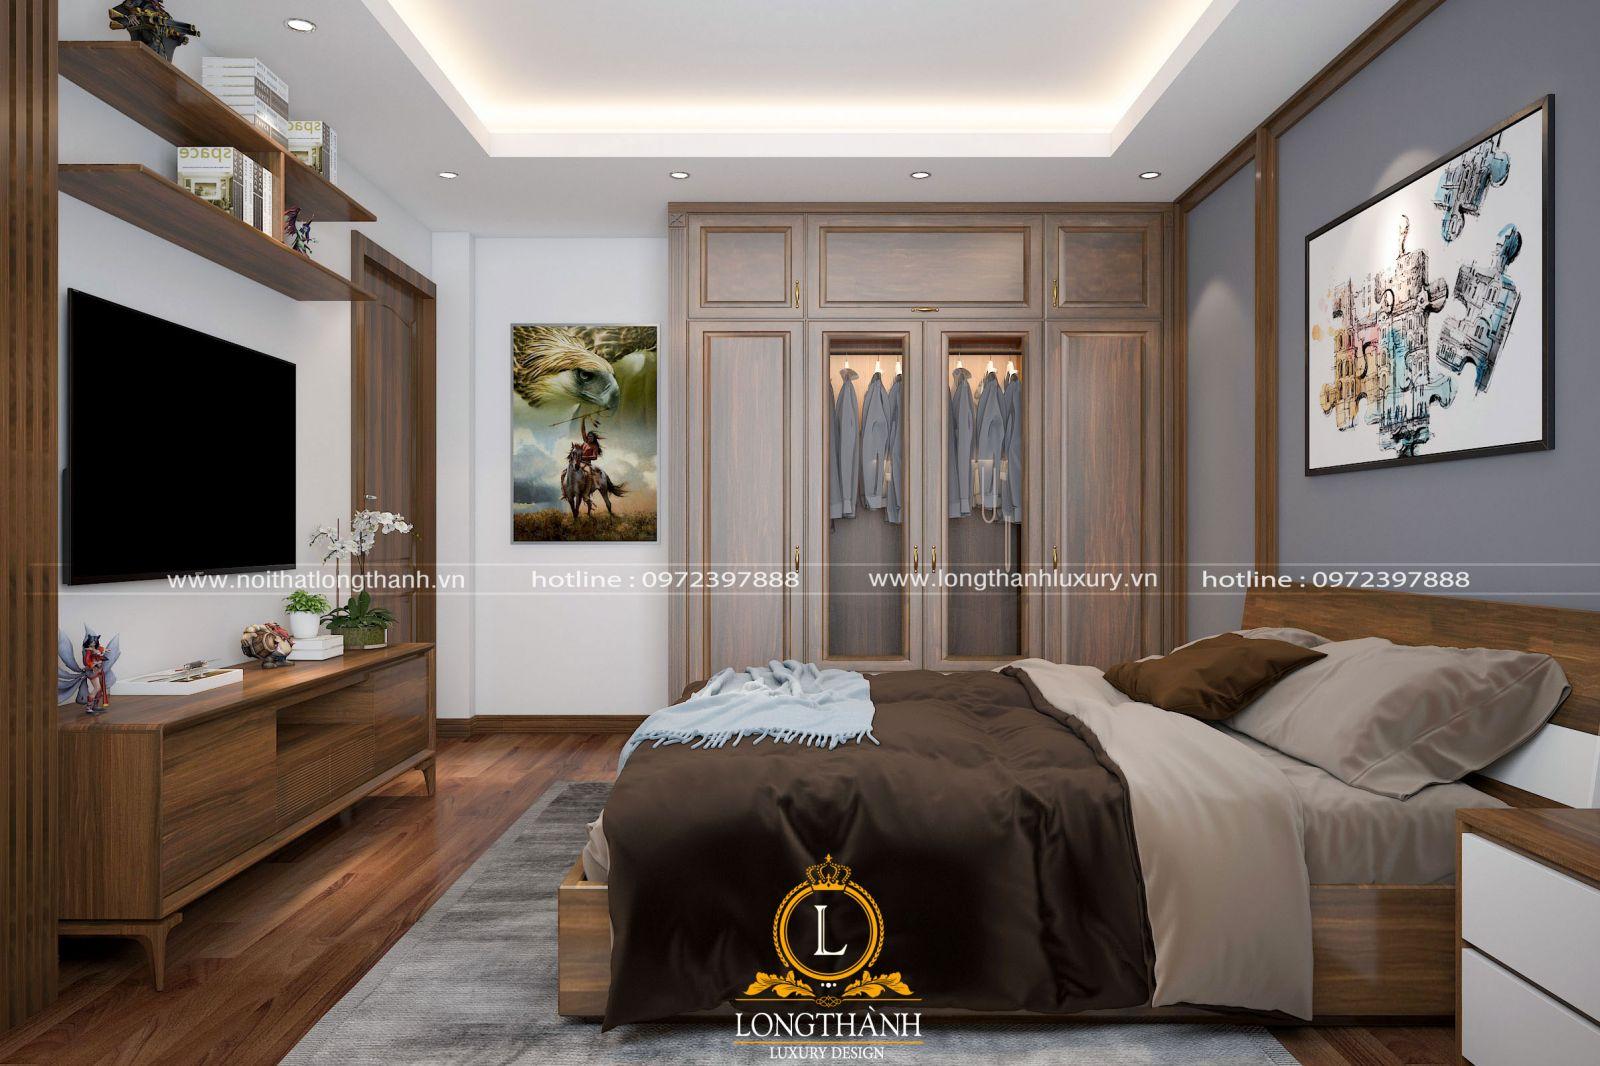 Chiếc kệ tivi được bố trí hợp lý trong không gian phòng ngủ hiện đại